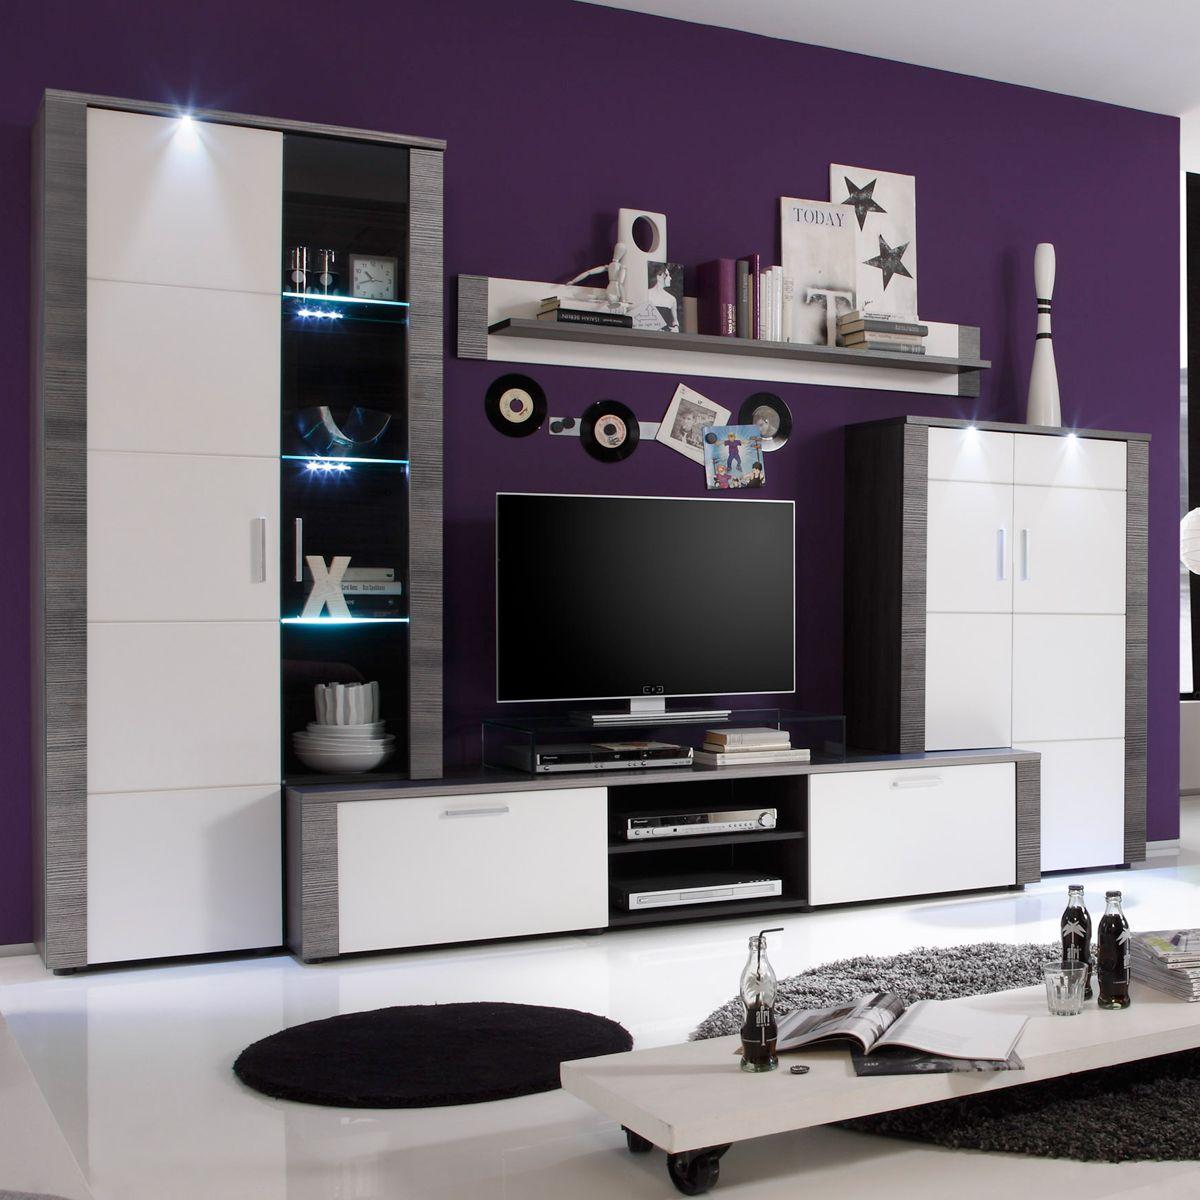 Wohnwand Wohnzimmer Anbauwand Xpress in Esche grau weiß mit ...